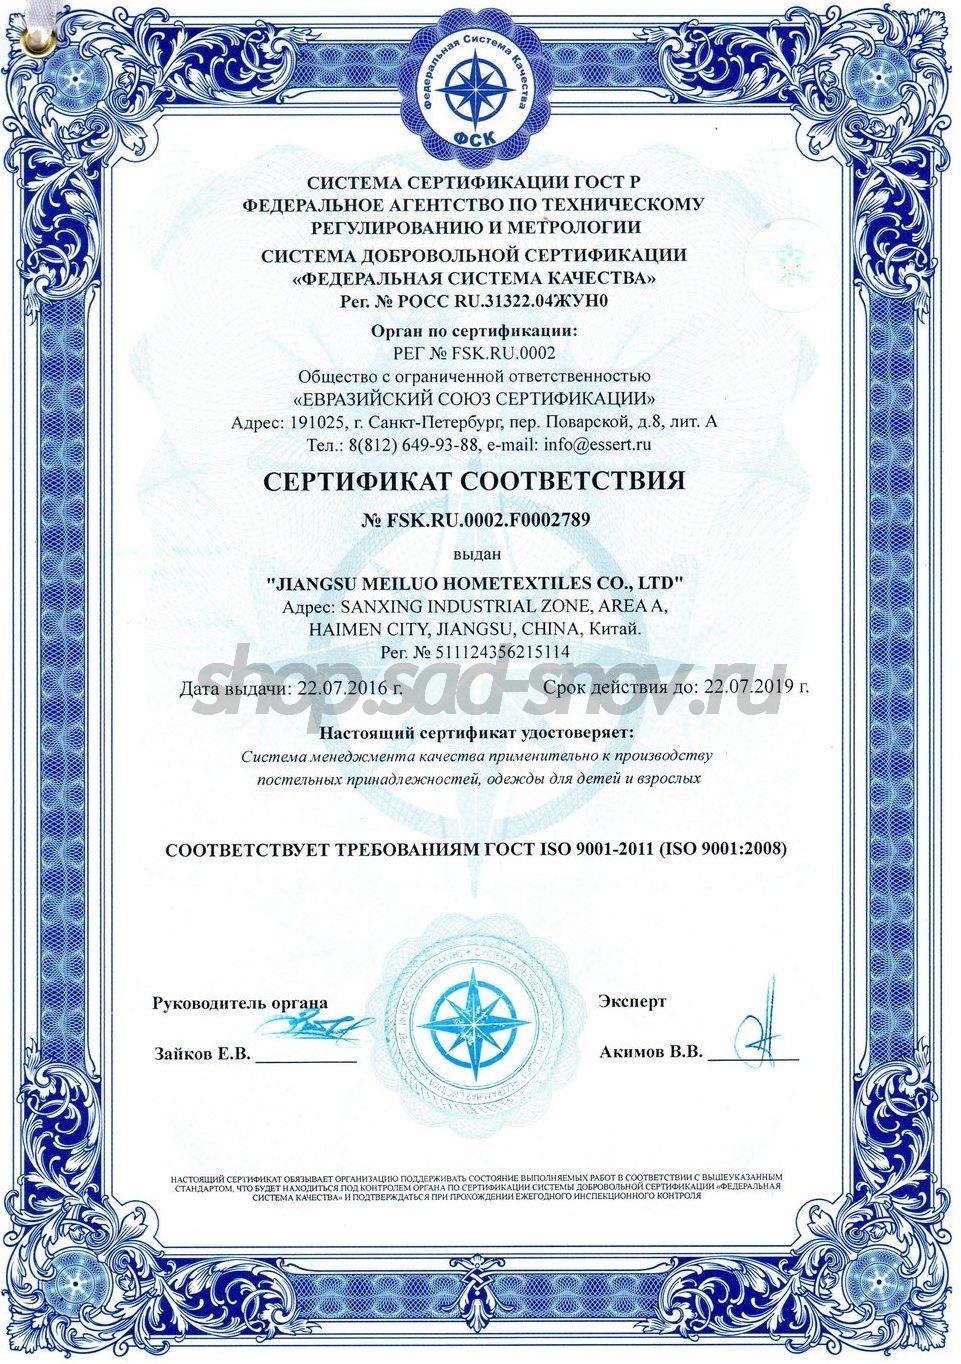 СадСнов Сертификат Соответствия ГОСТ Р